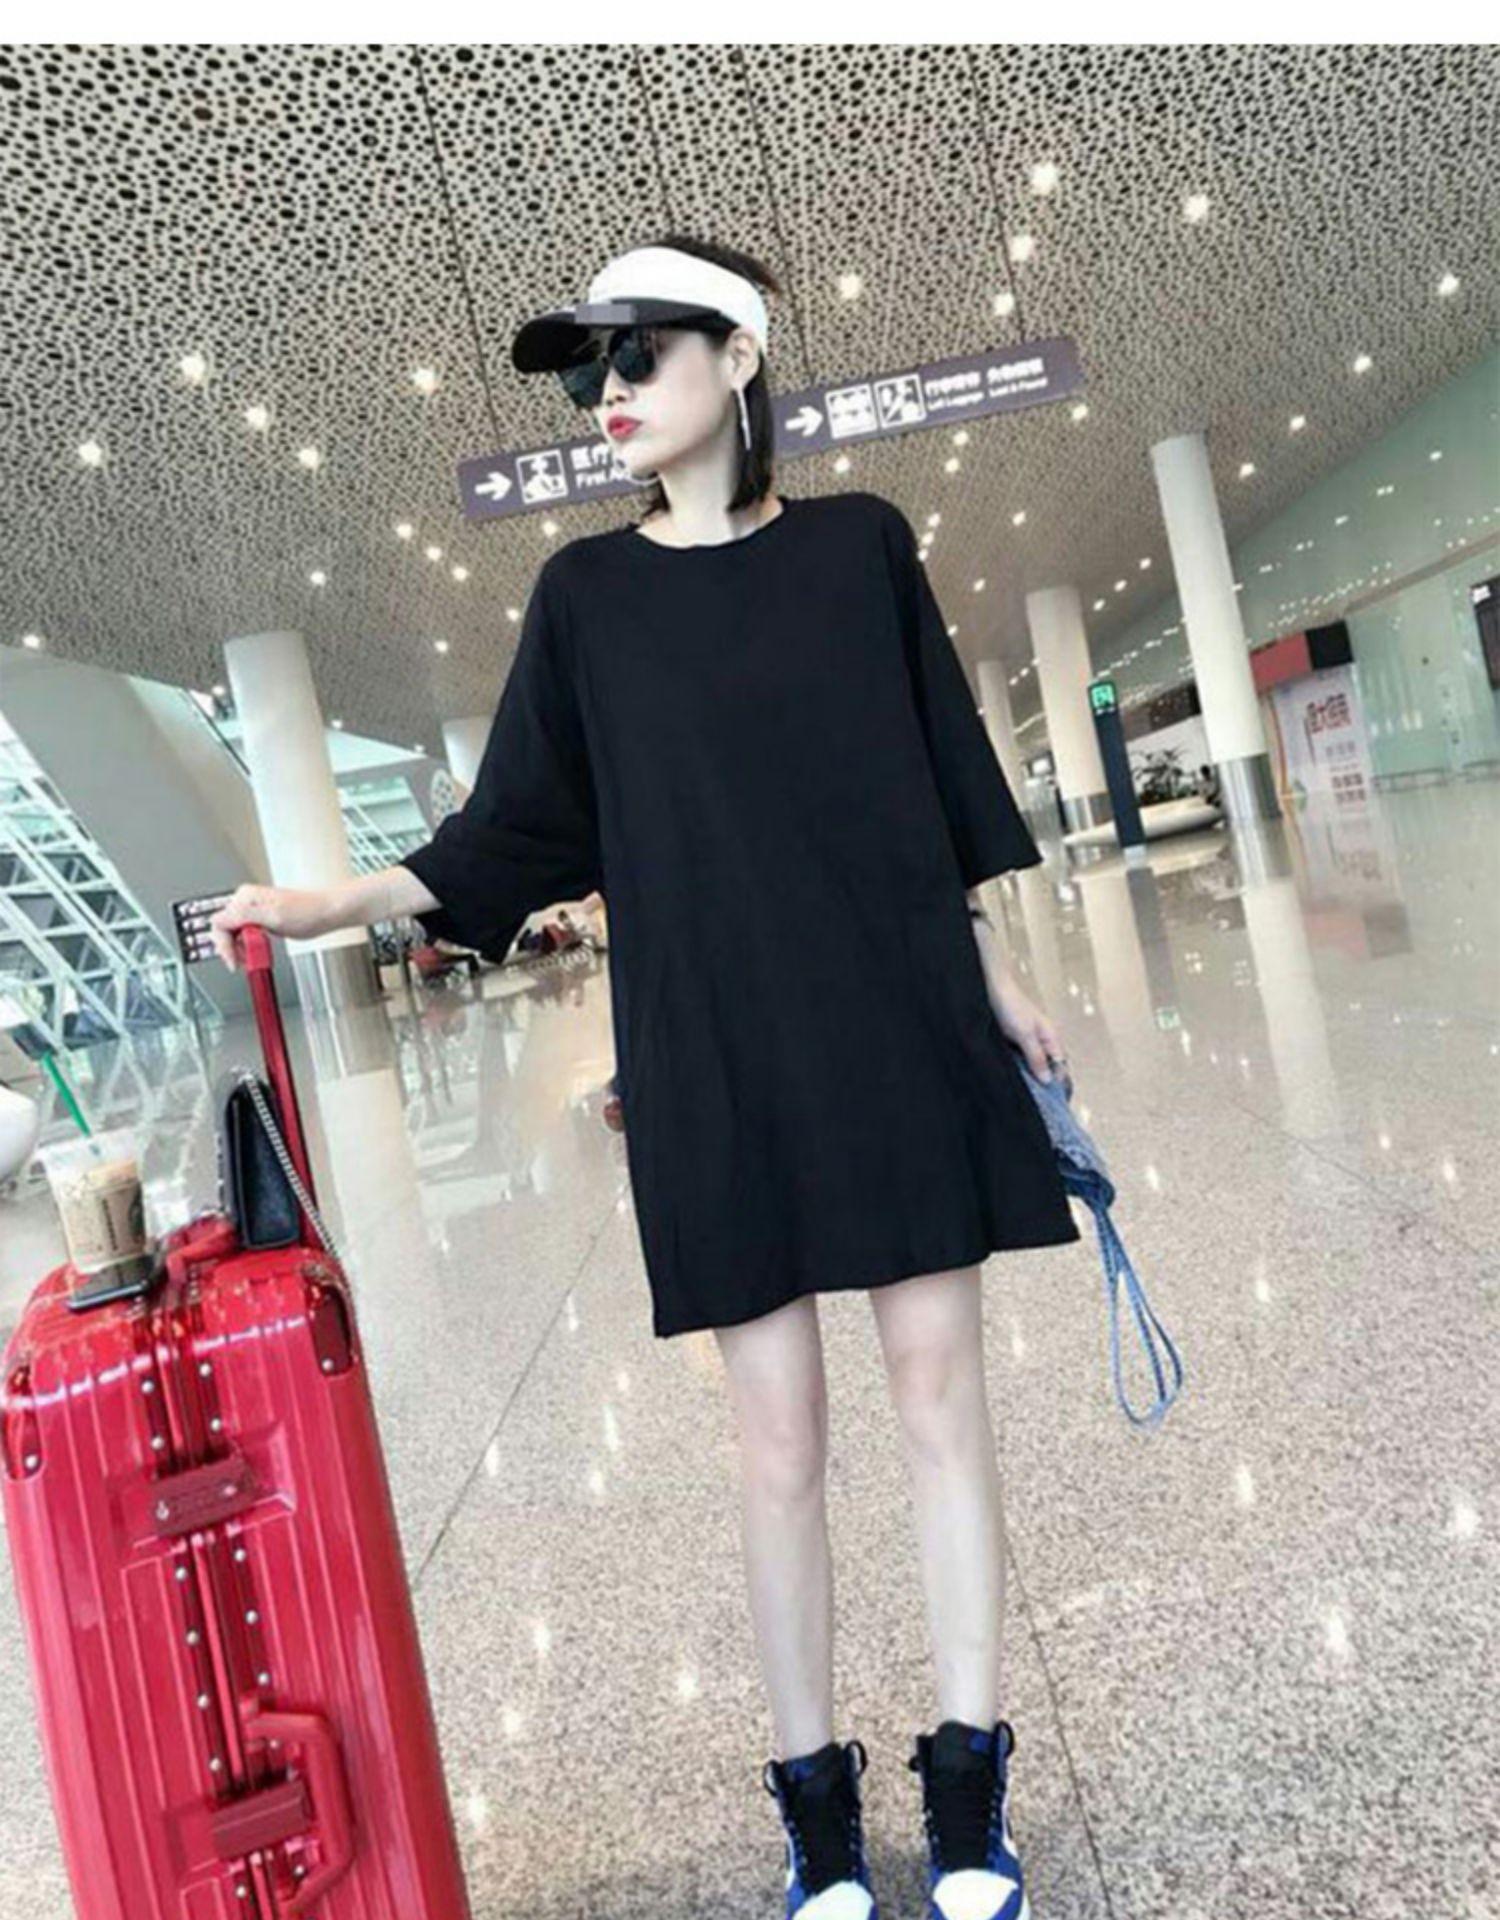 欧洲站女装新款春季欧货潮时尚牛仔吊带套装裙黑色恤洋装详细照片